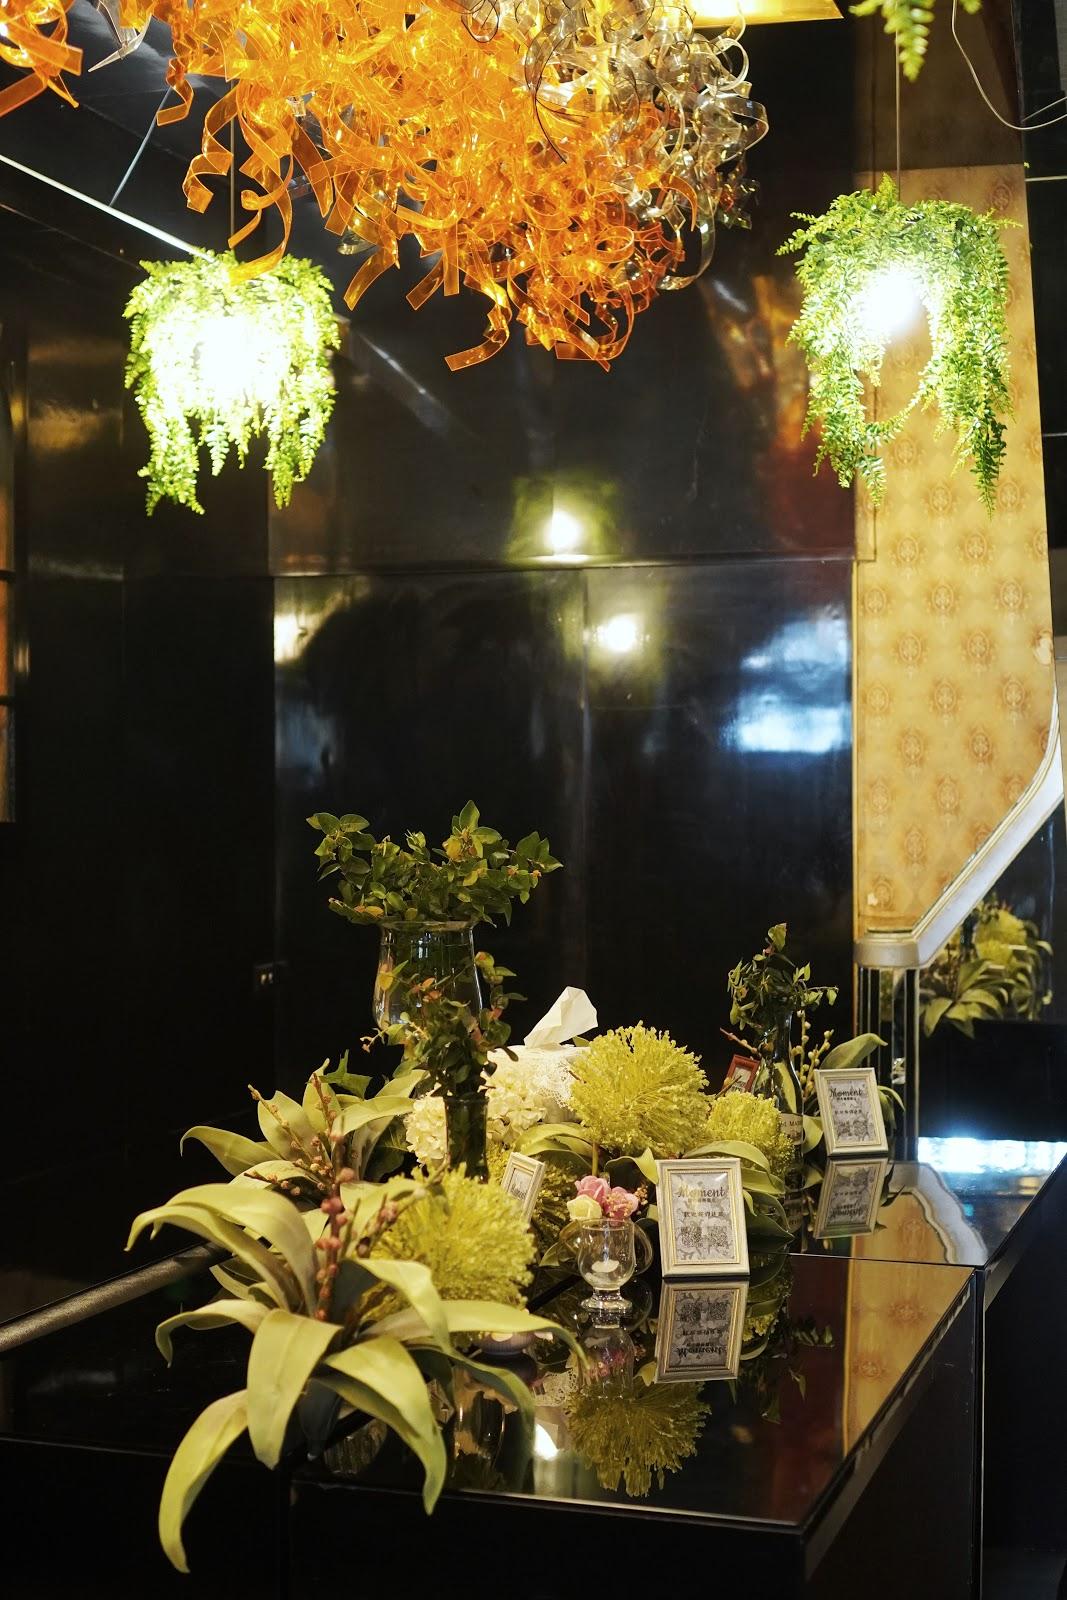 台南中西區美食【Moment烤布蕾專賣店】內用環境